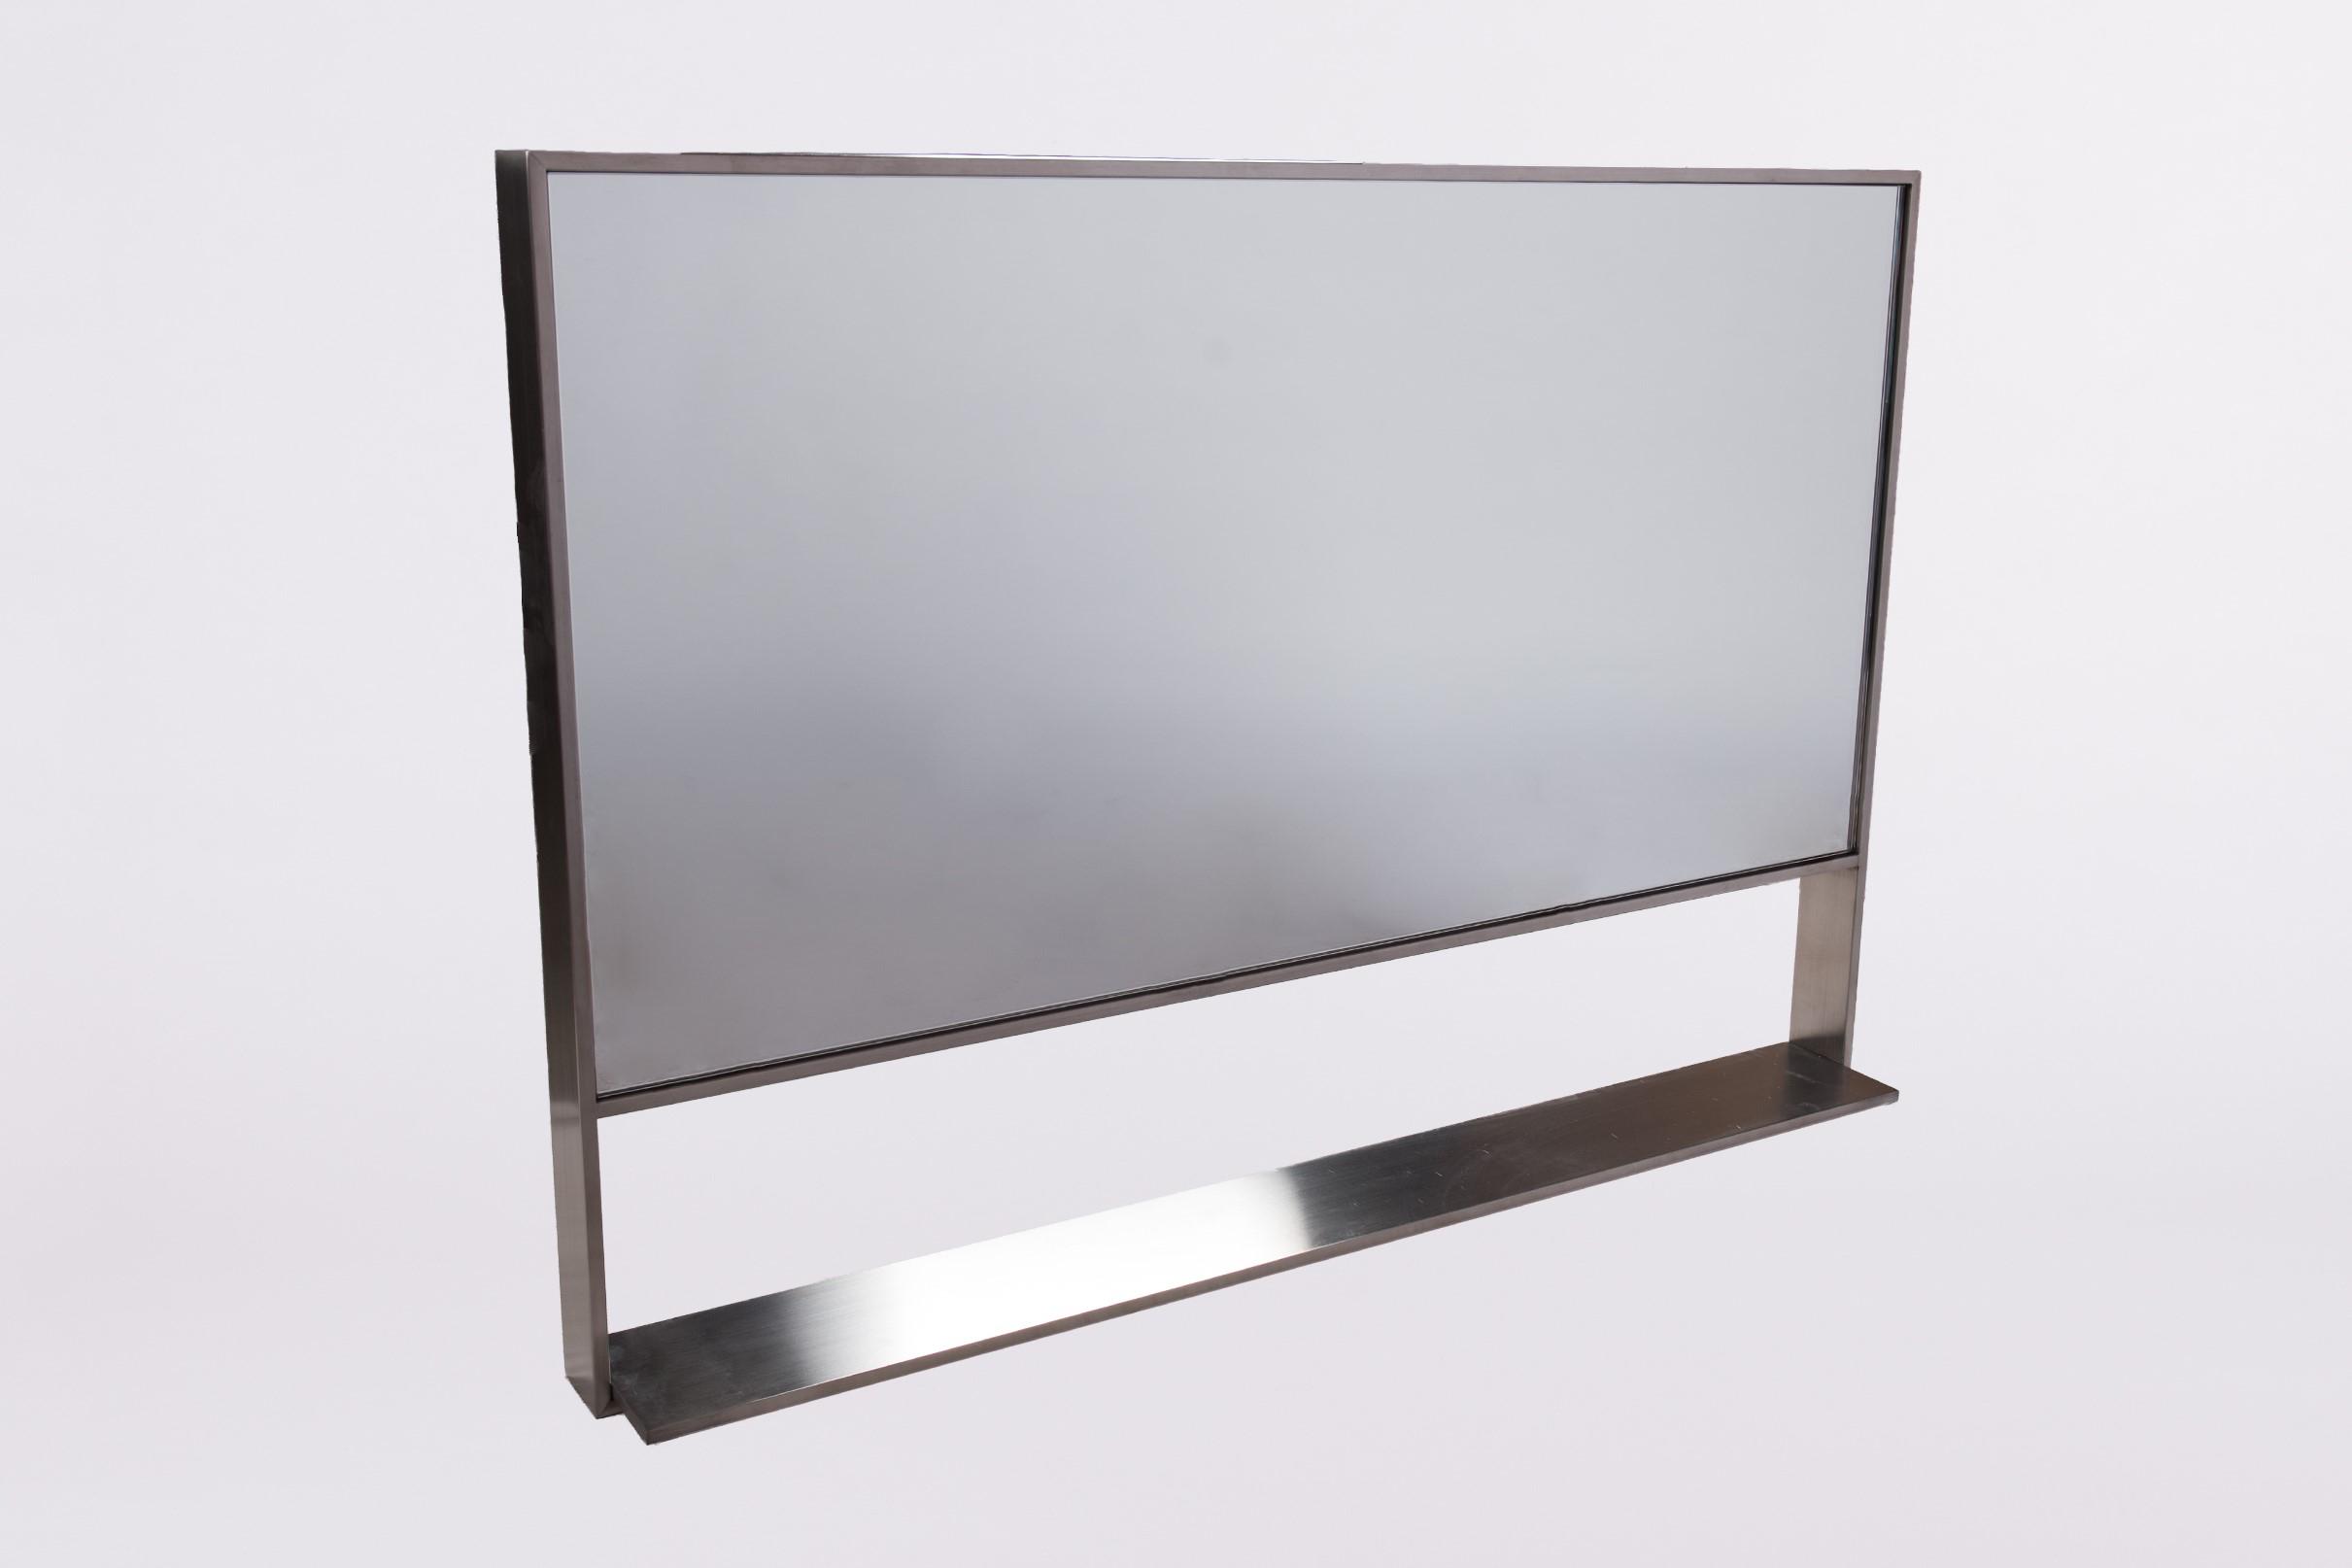 B-Stone Himalaya RVS spiegel 100x70cm met planchet te koop met voordeel